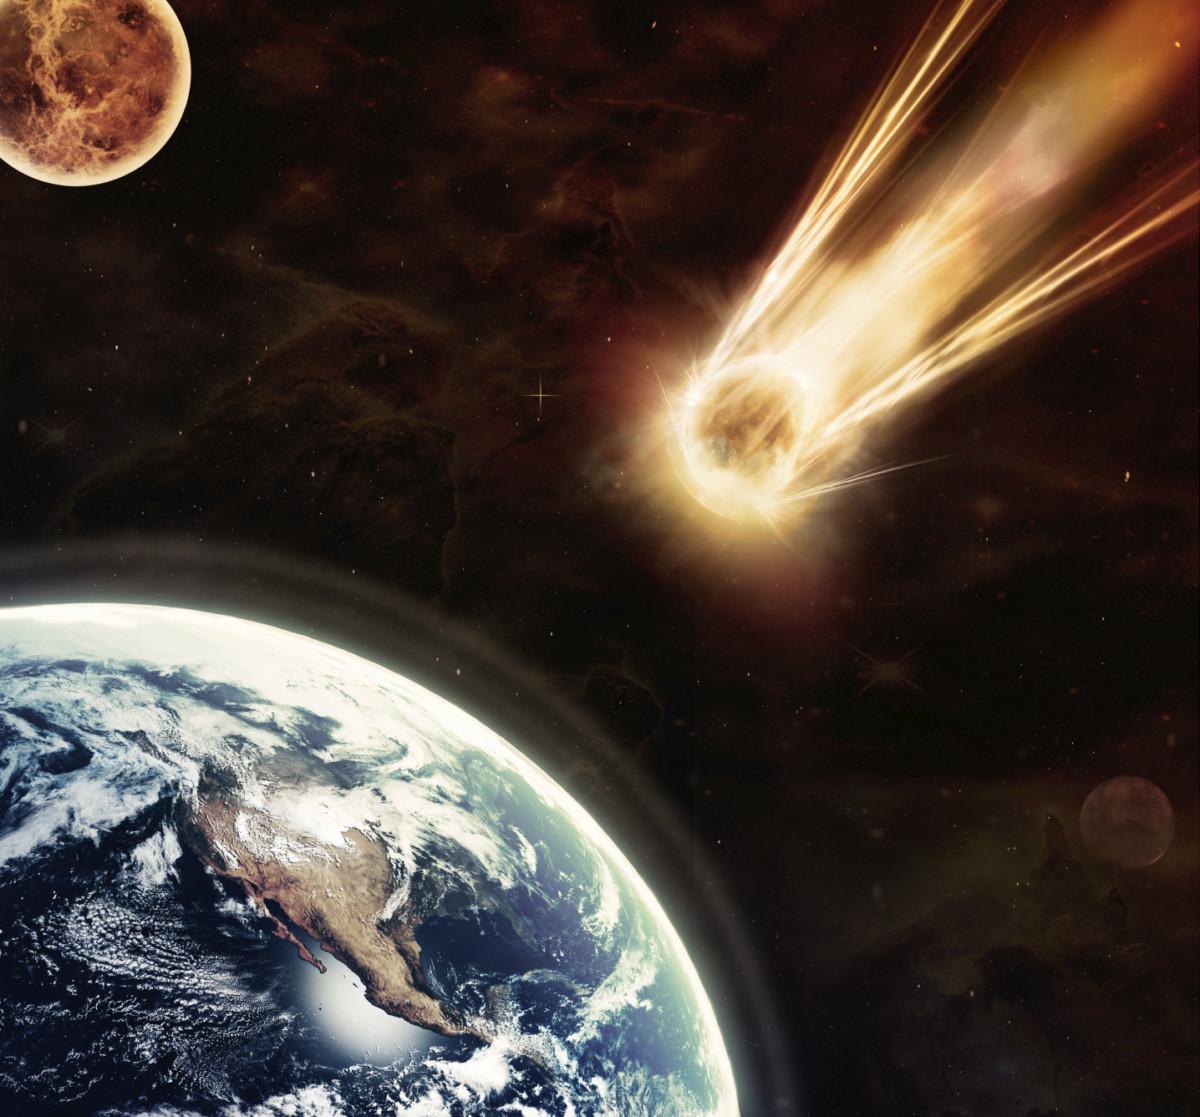 6,600 萬年前,一座山大小的小行星隕落地球,造成生態浩劫。